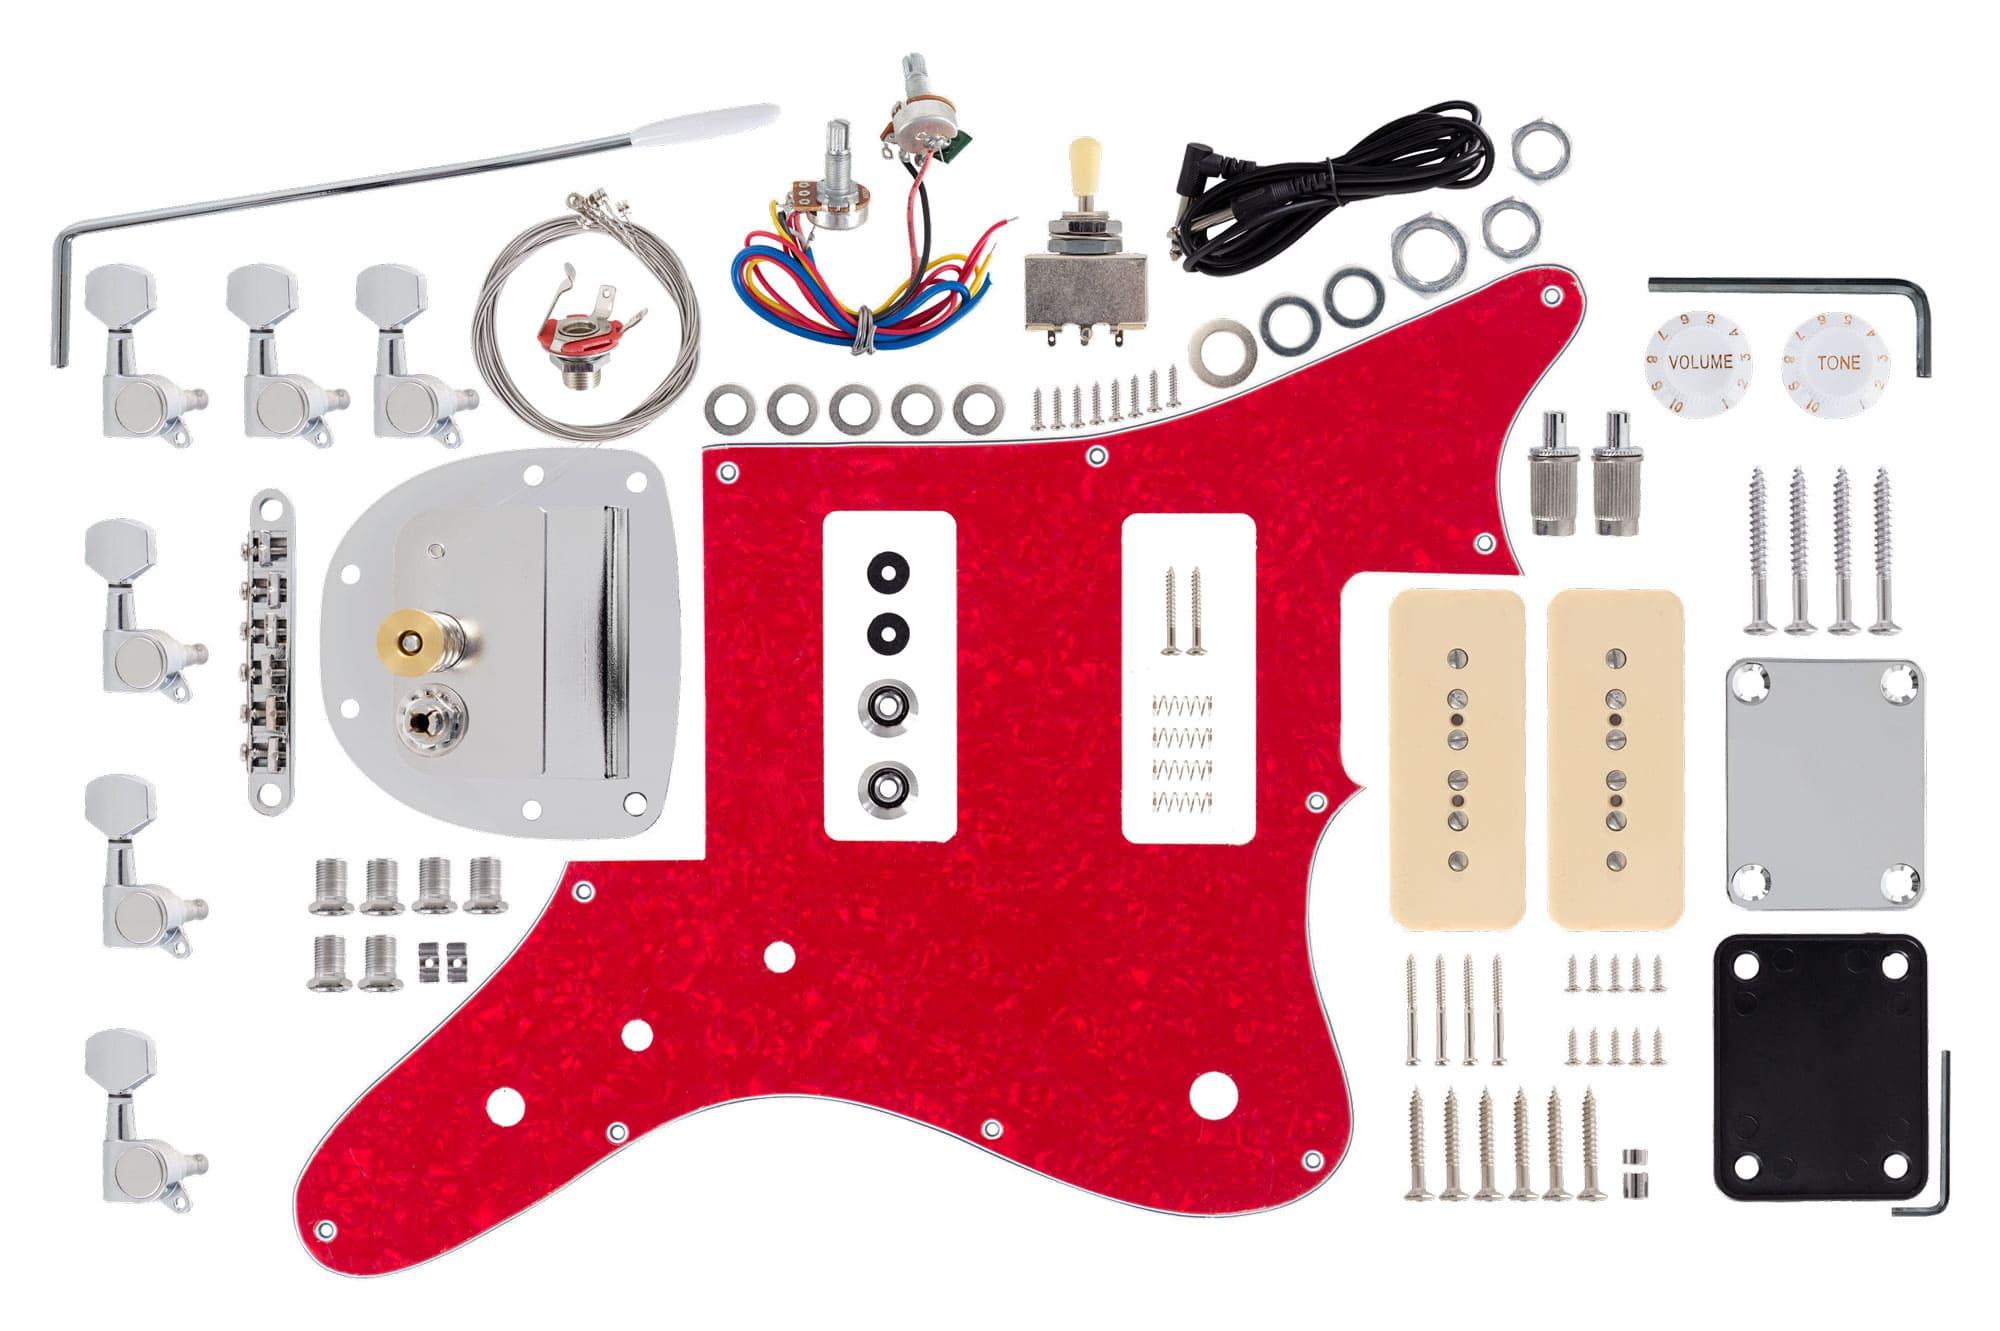 rocktile e gitarren bausatz jag style. Black Bedroom Furniture Sets. Home Design Ideas